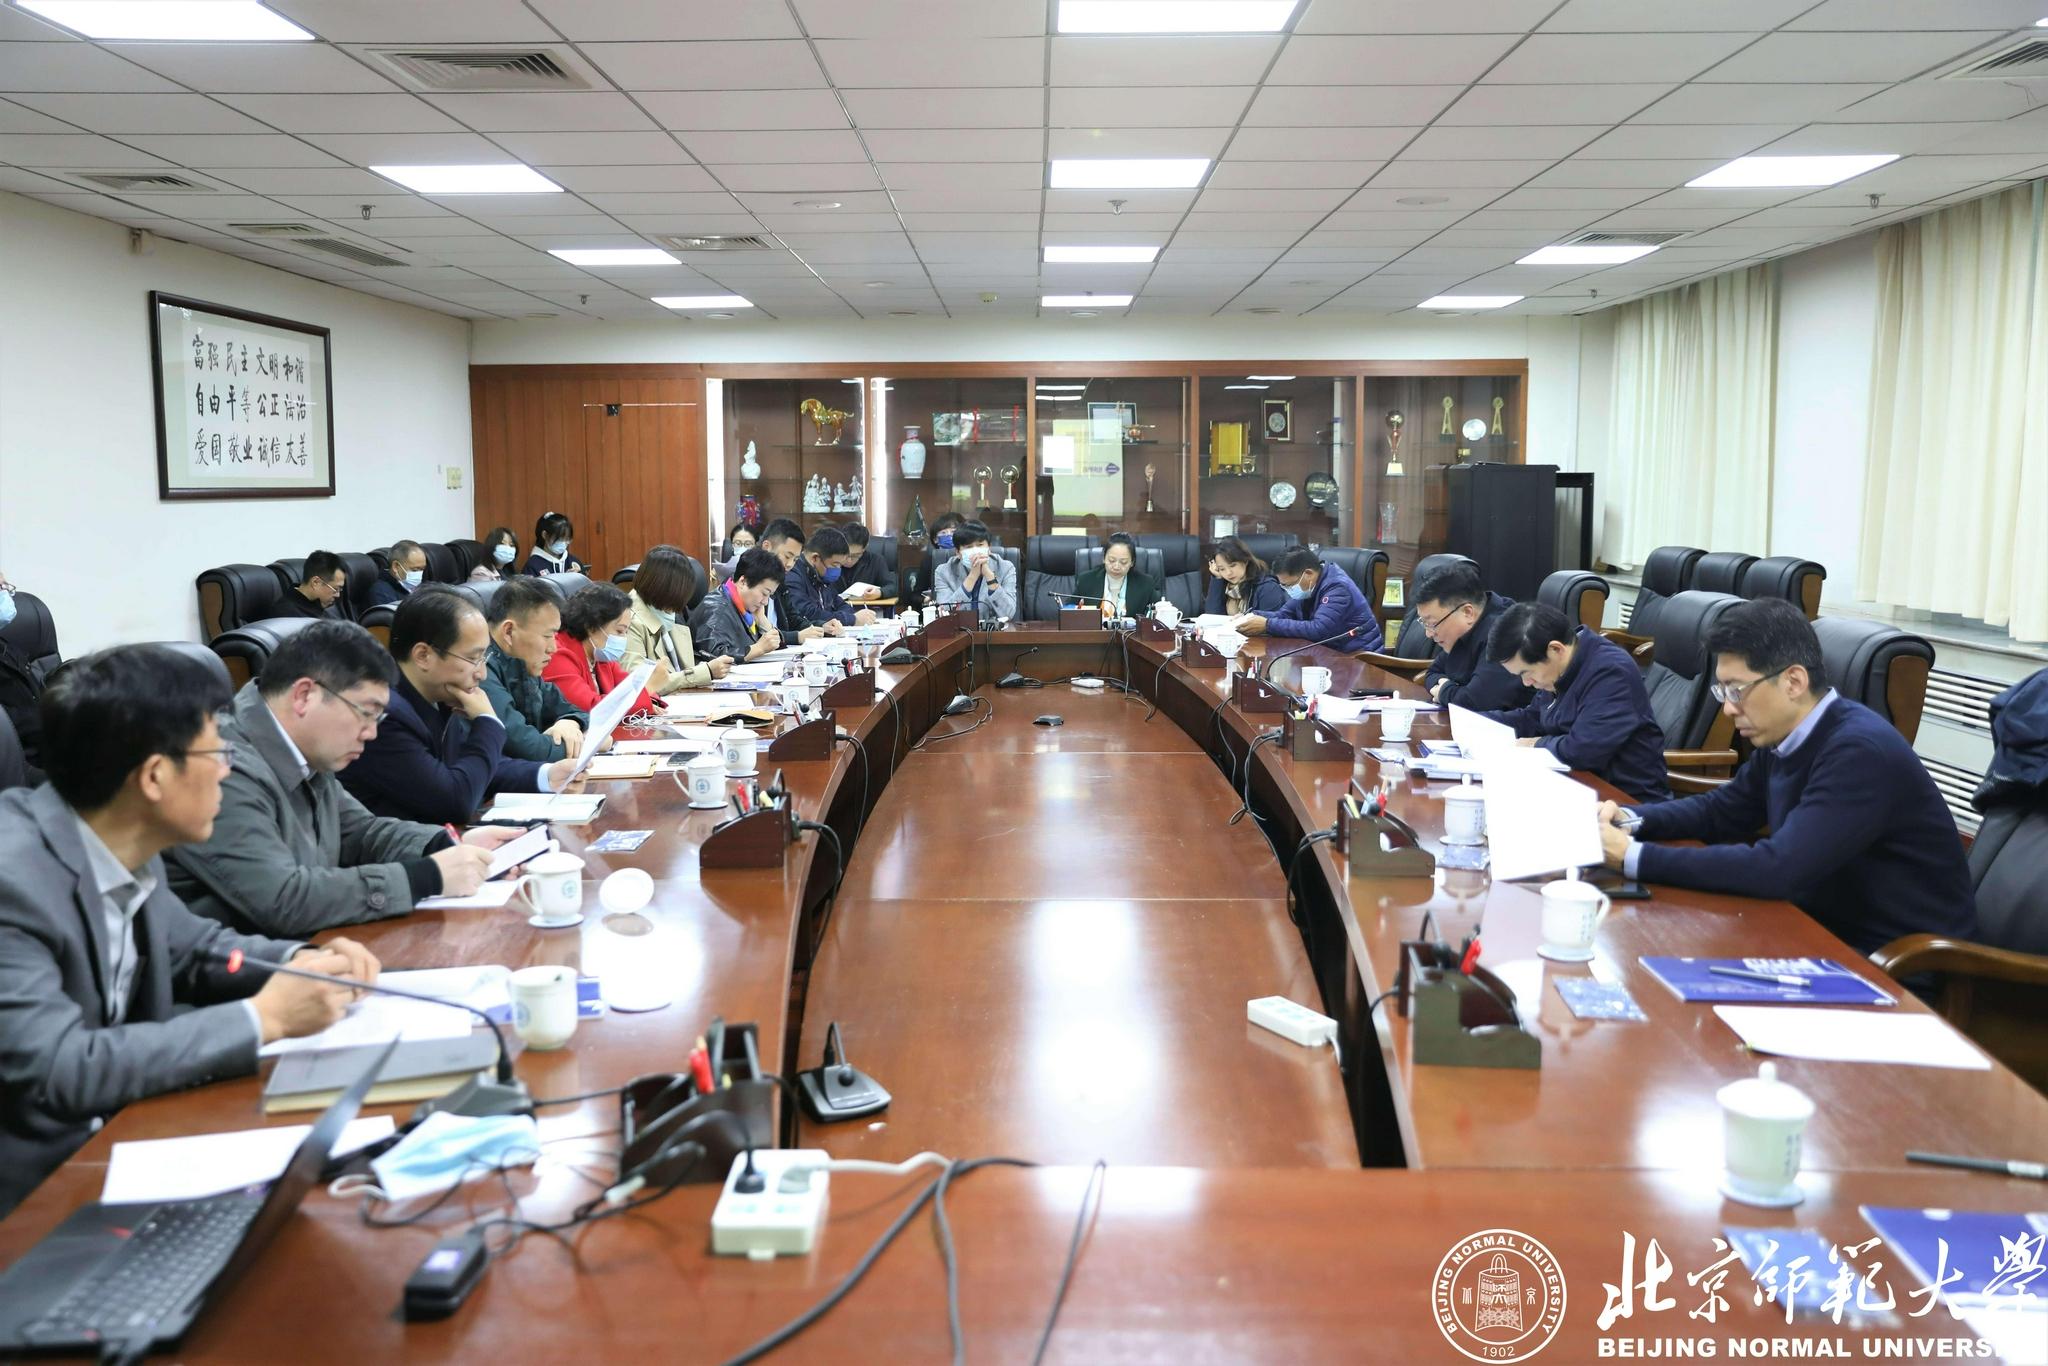 北师大召开120周年校庆工作领导小组第三次会议